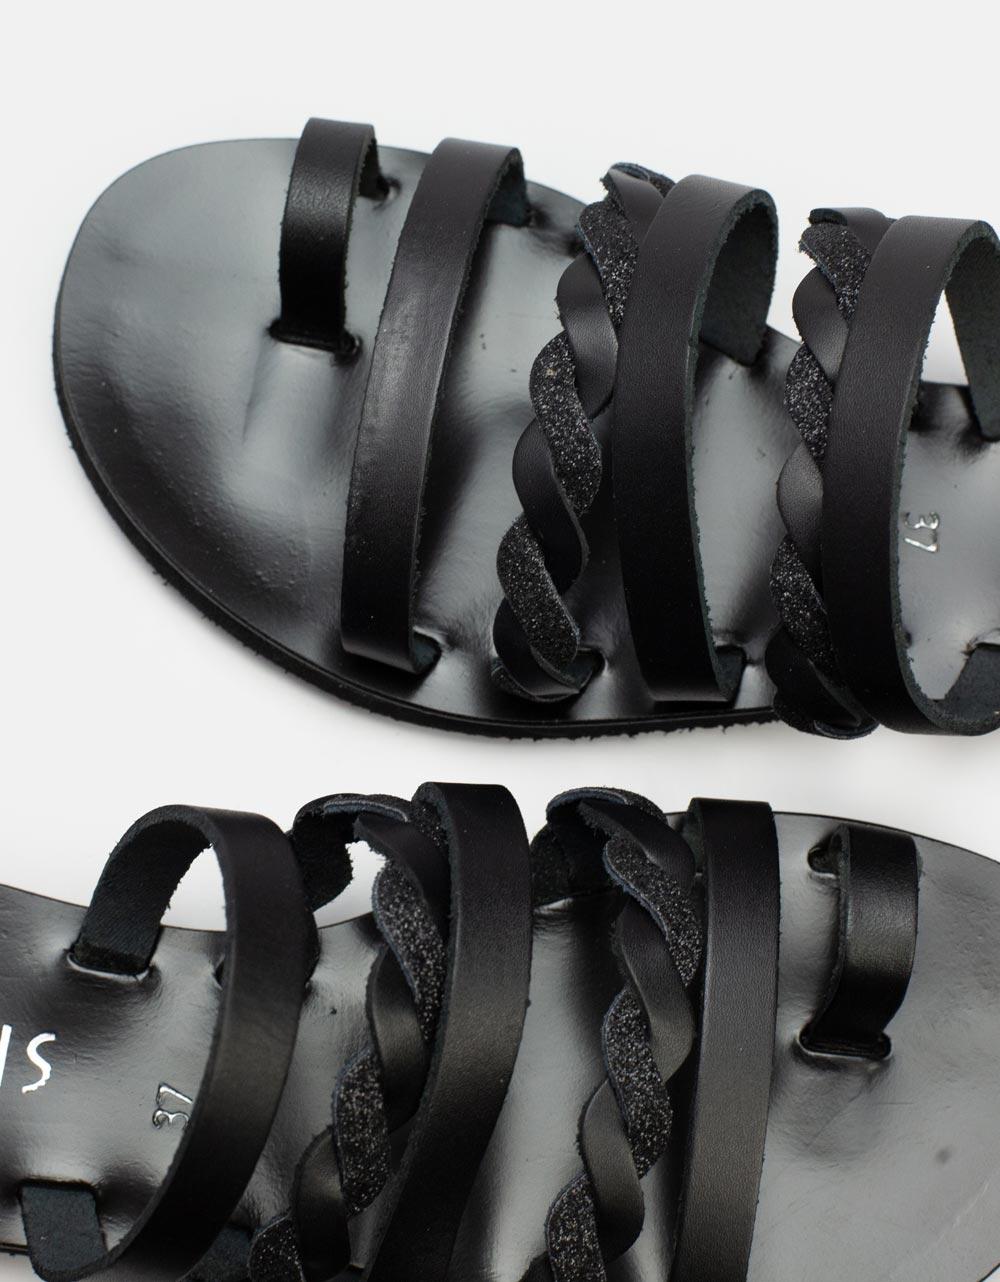 Εικόνα από Γυναικεία δερμάτινα σανδάλια με πλεγμένα λουράκια Μαύρο